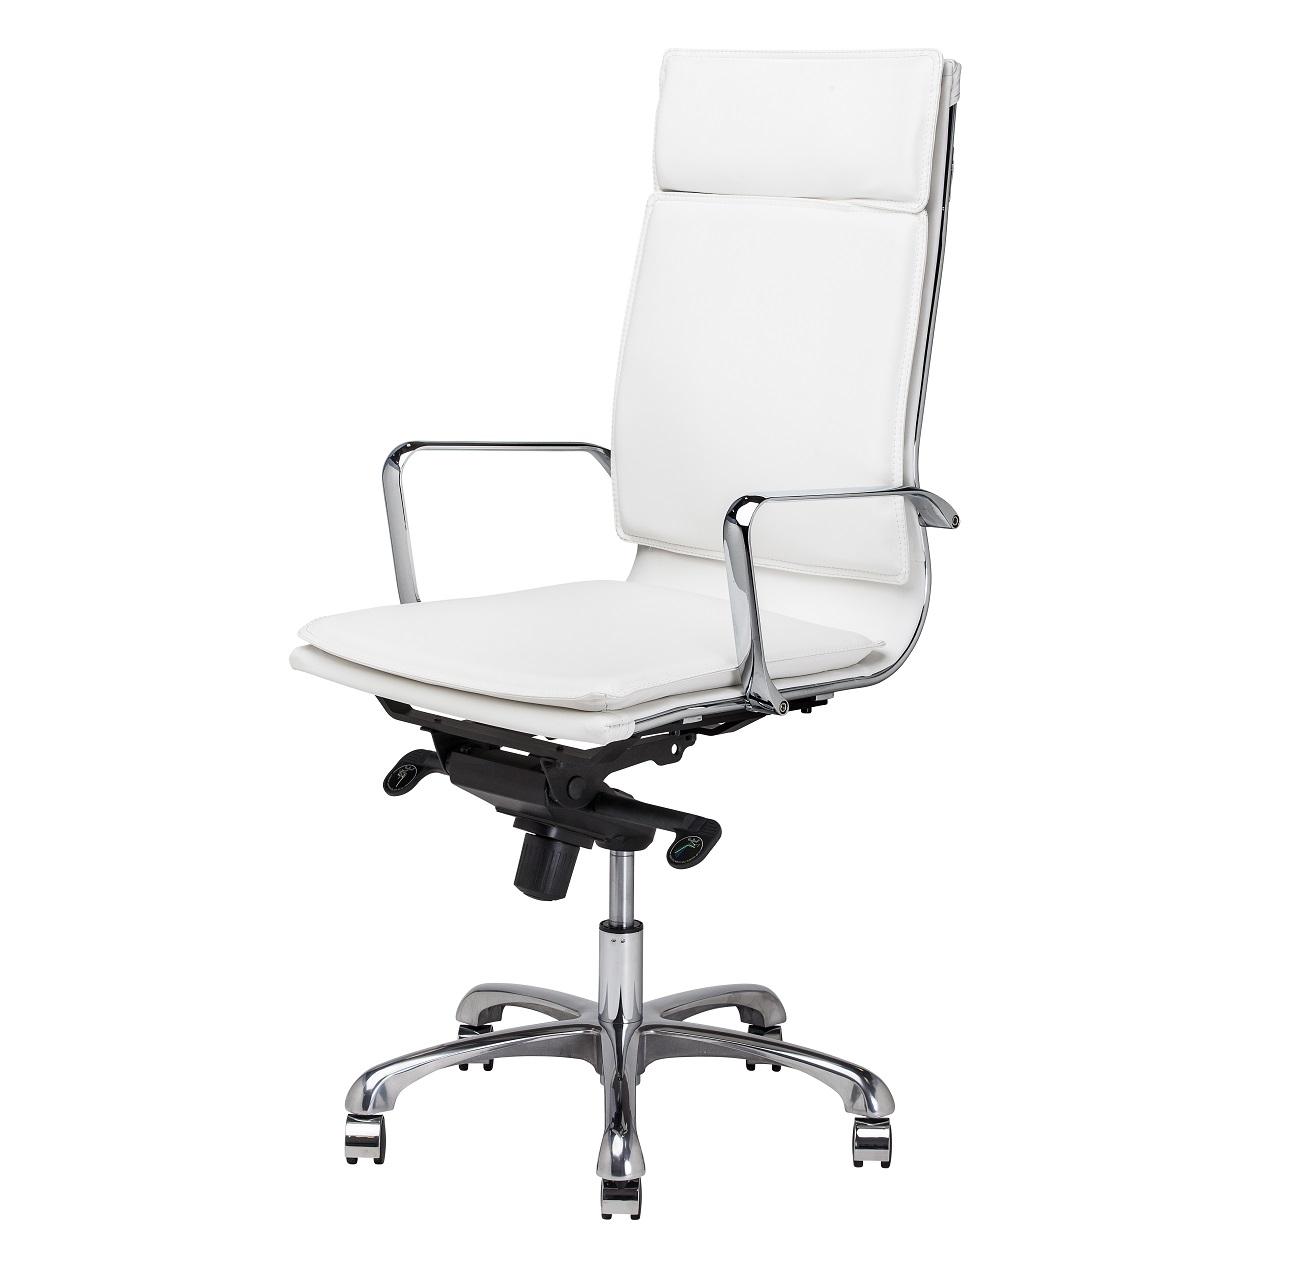 Nuevo Carlo Office Chair High, Nuevo Living Chairs